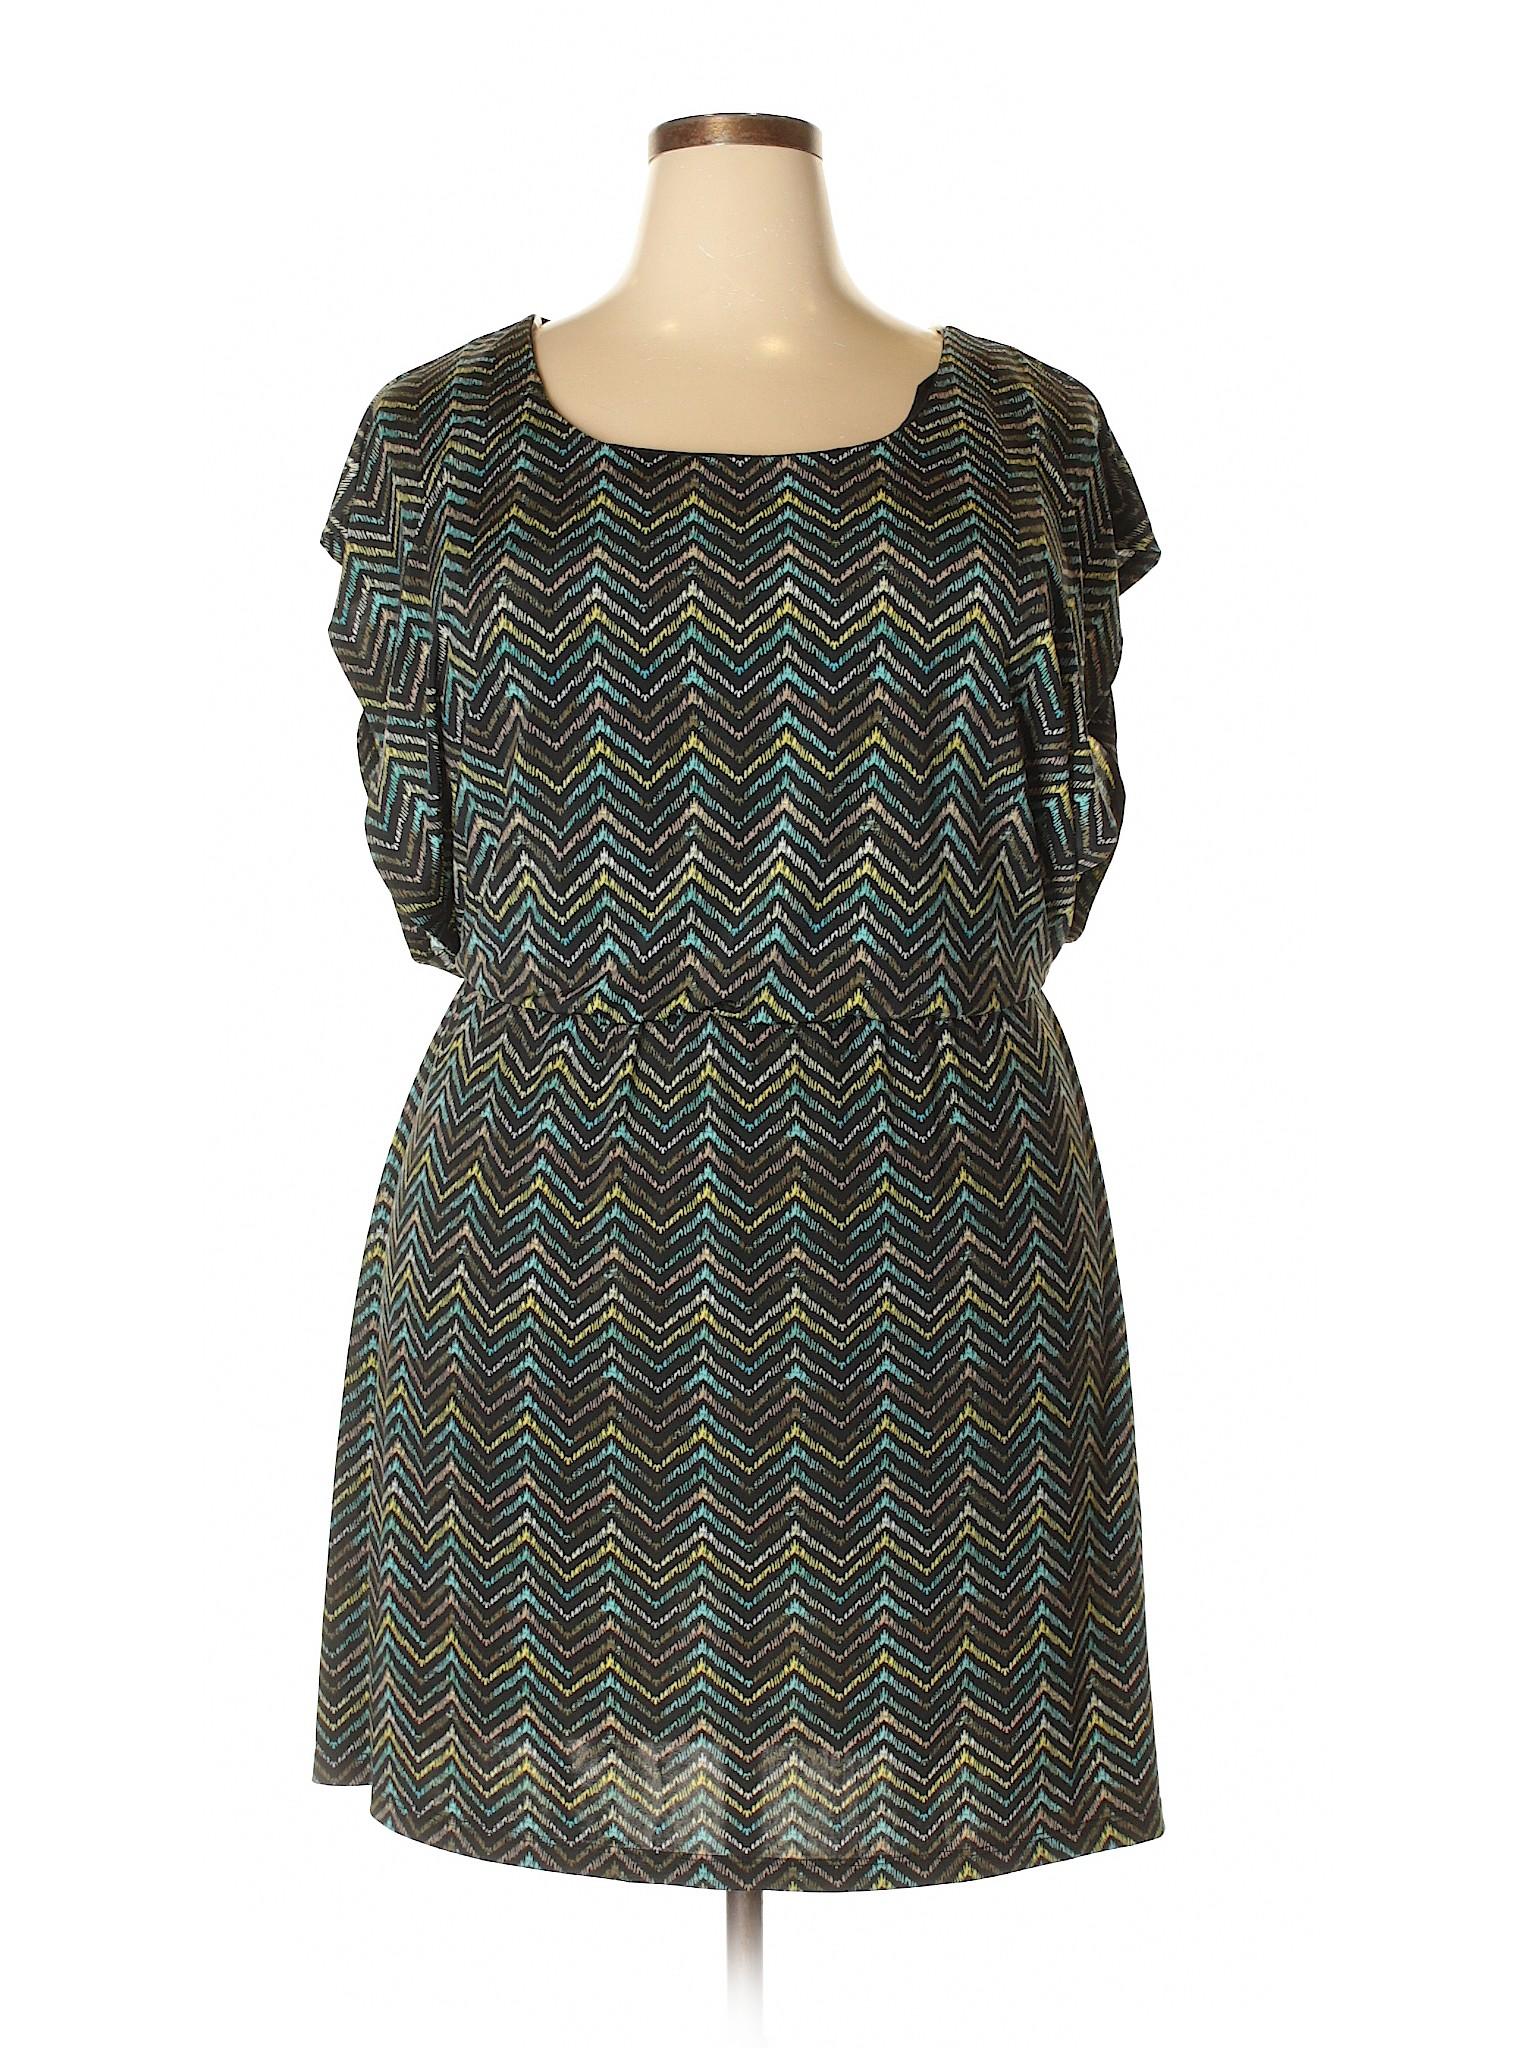 Dress Boutique Boutique winter L8ter L8ter Dress Boutique winter winter Casual Casual BwvfOBq